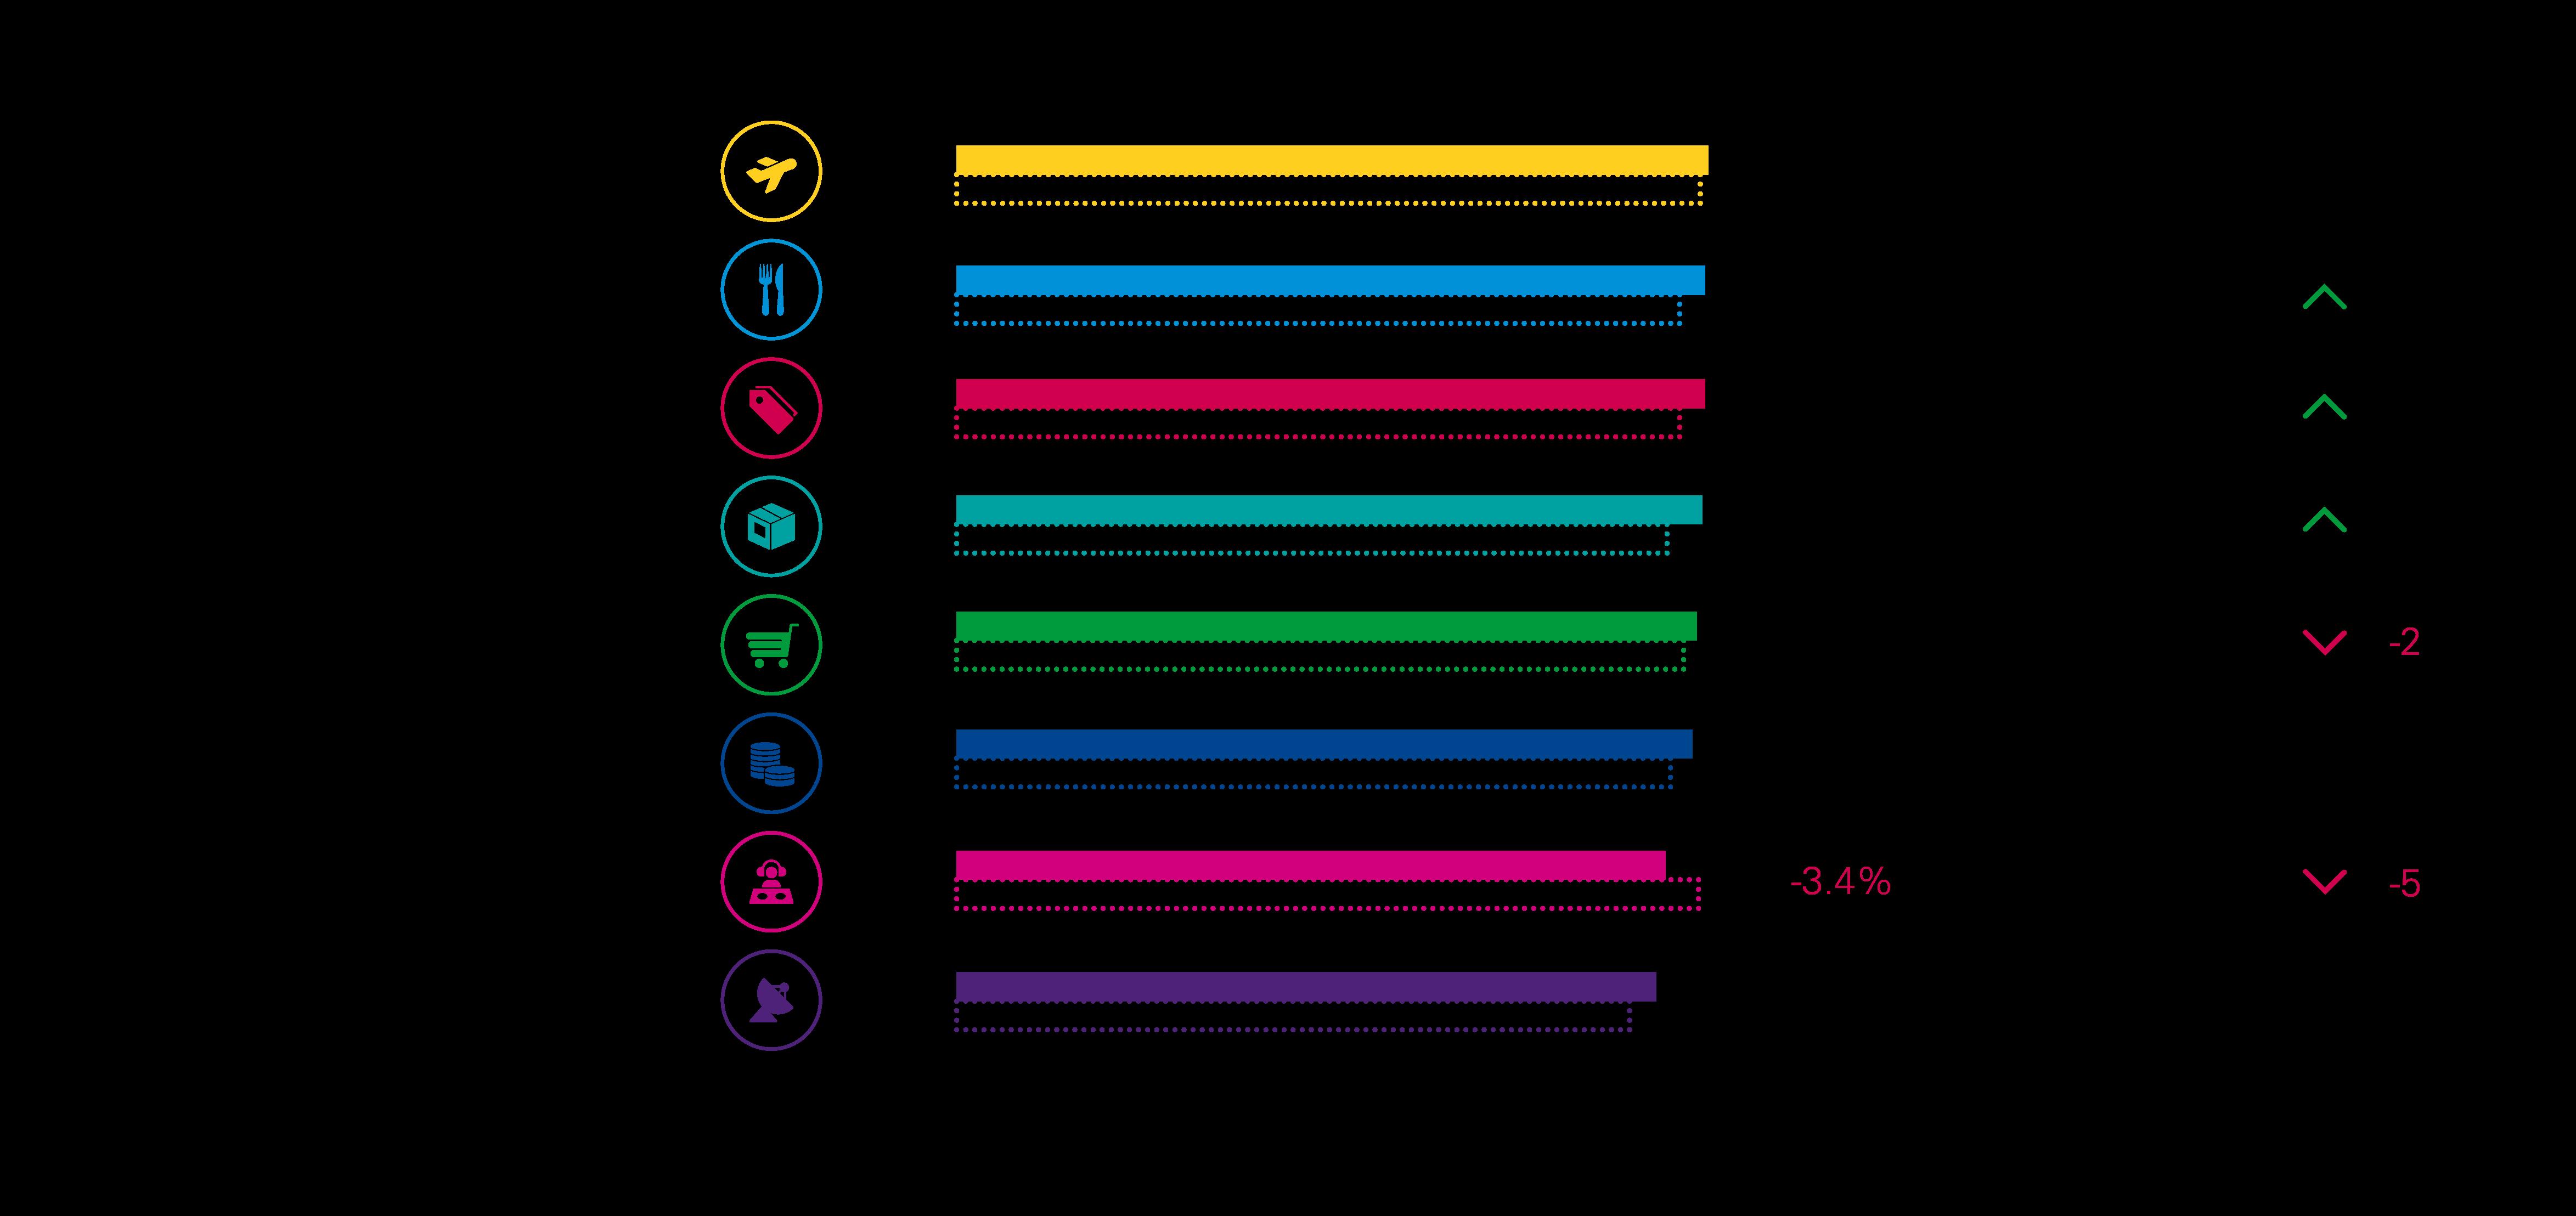 excelencia en experiencia del cliente por industria (CEE) - 2020 vs 2019